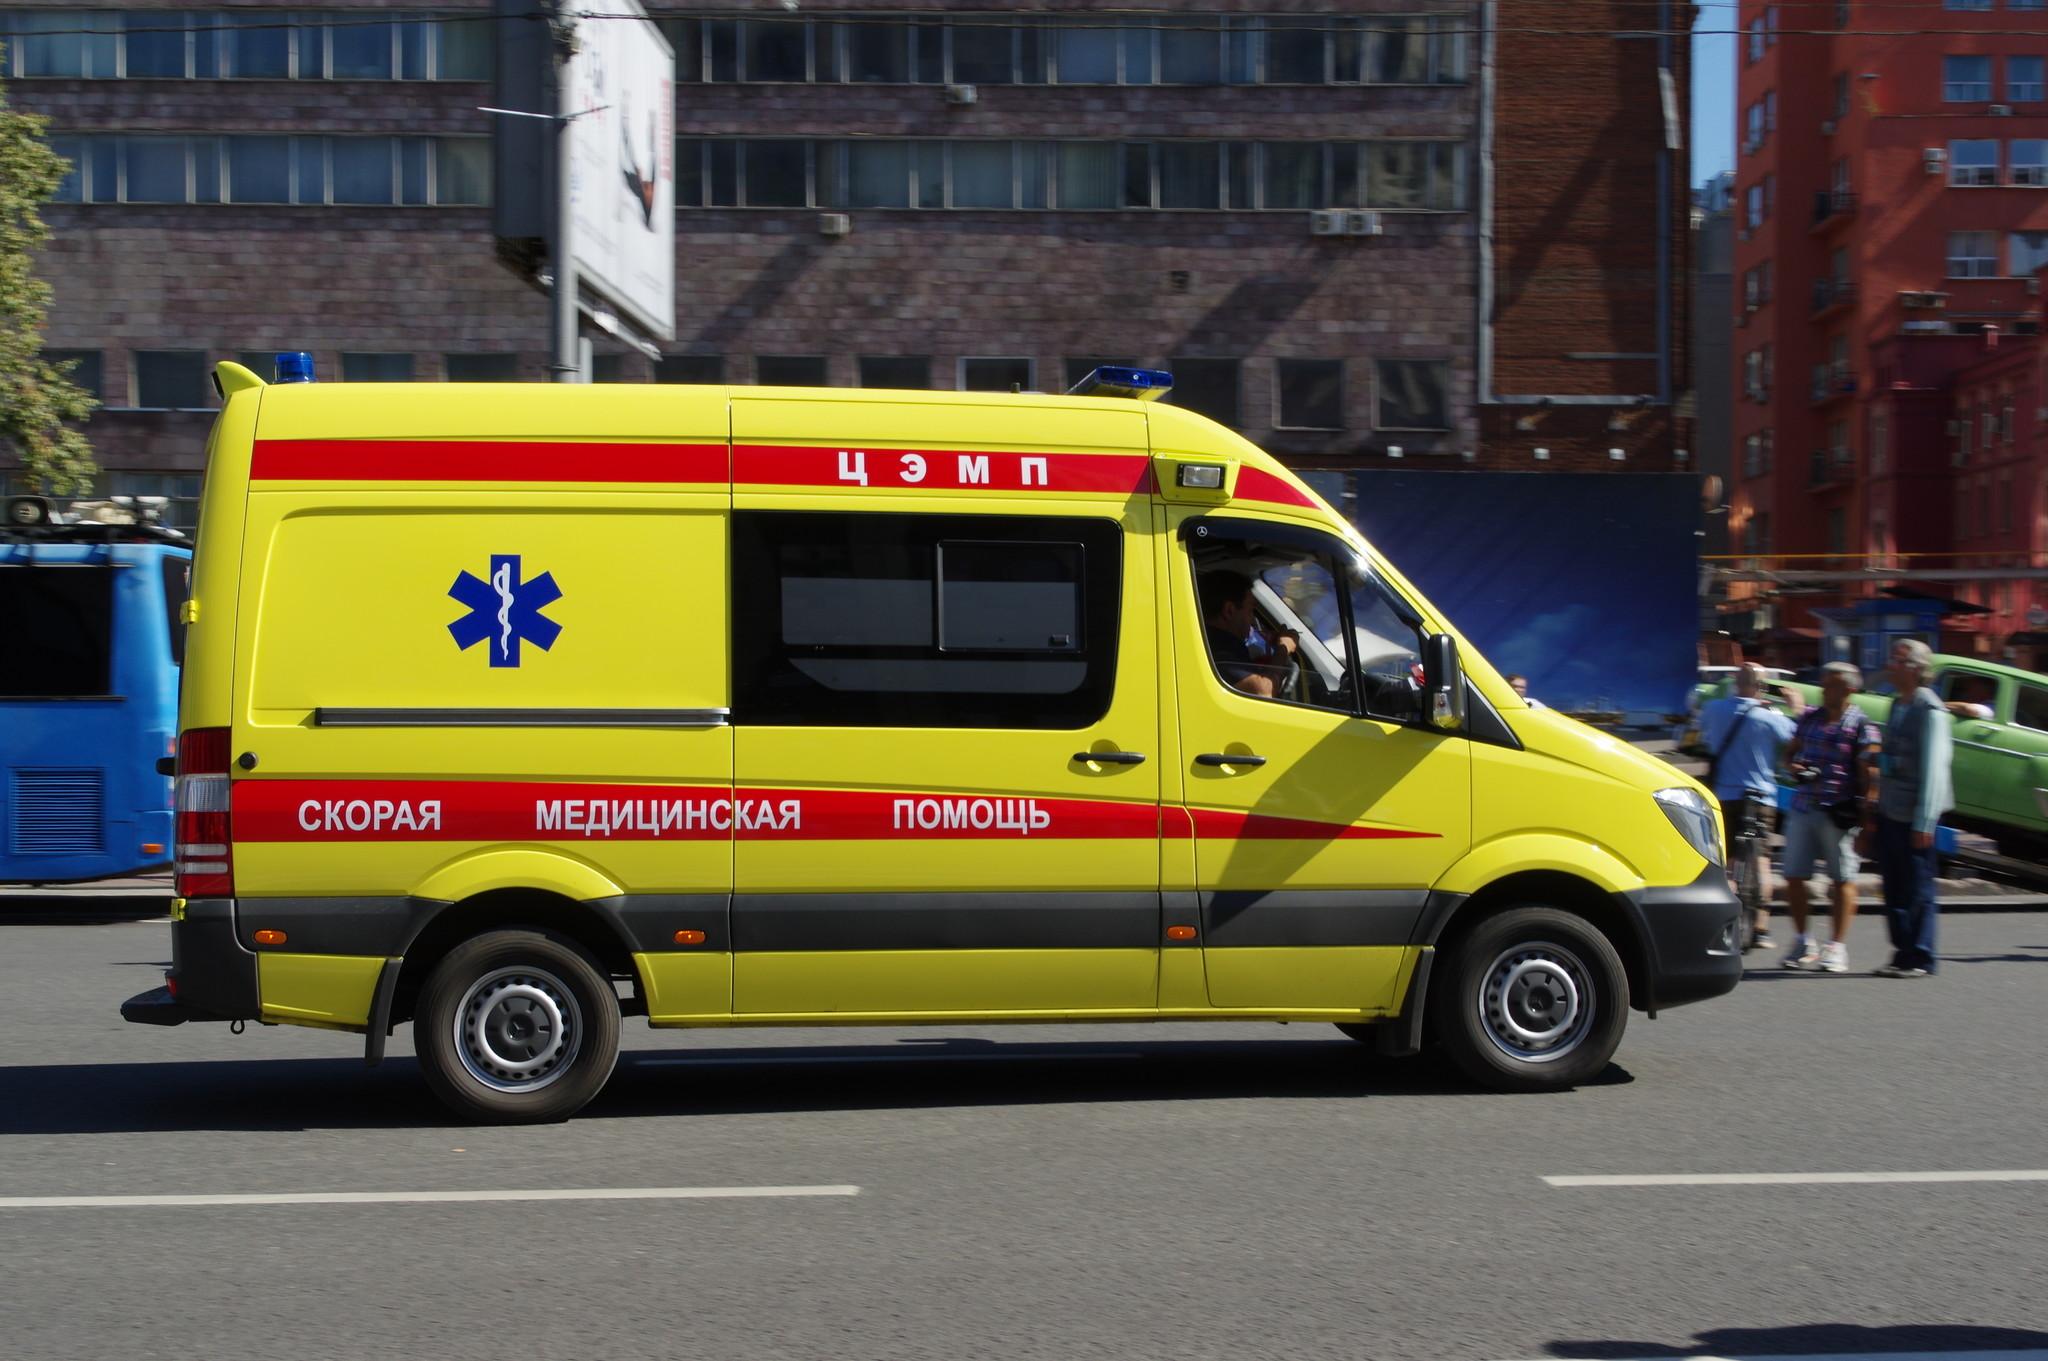 Автомобиль скорой медицинской помощи на проспекте Академика Сахарова